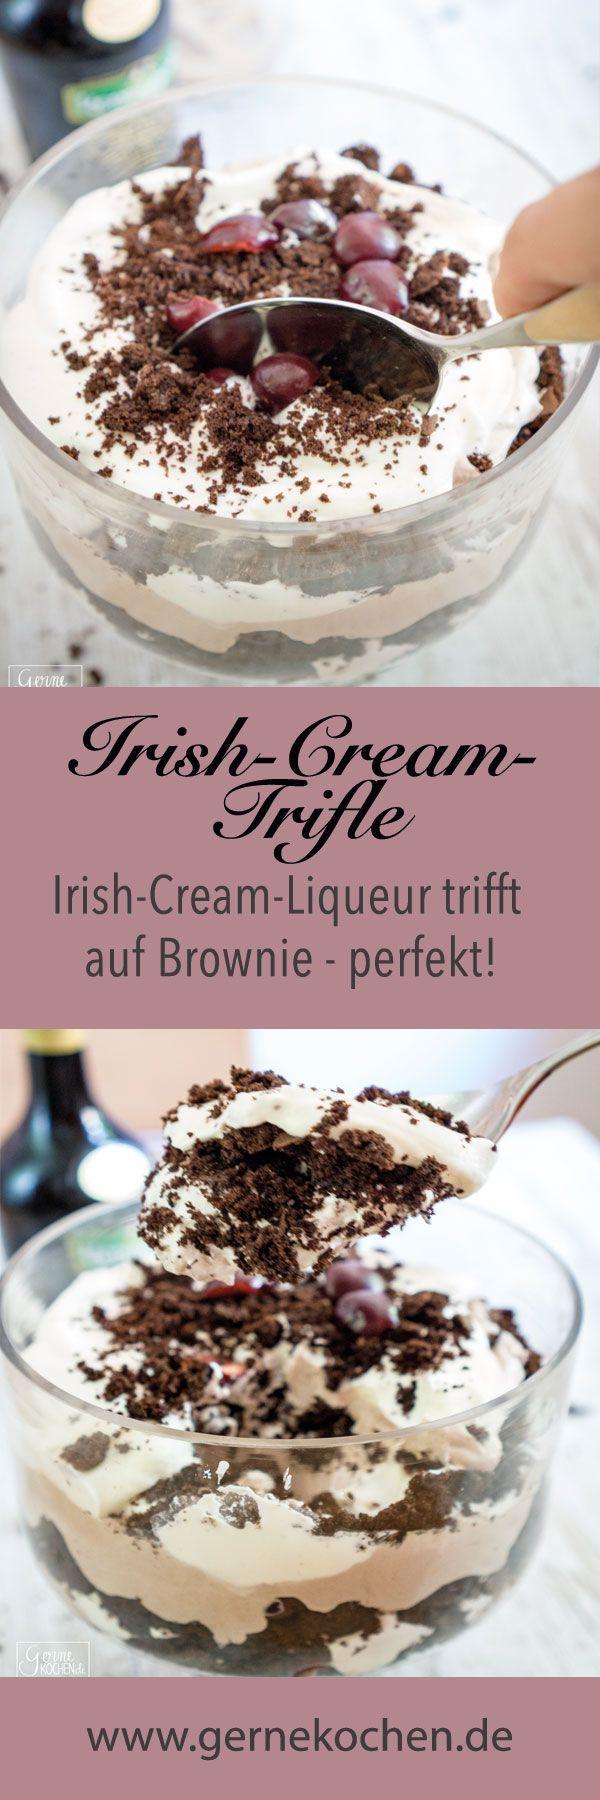 Brownie trifft auf Irish Cream Liqueur und gemeinsam ergeben sie ein wunderbares Schichtdessert.